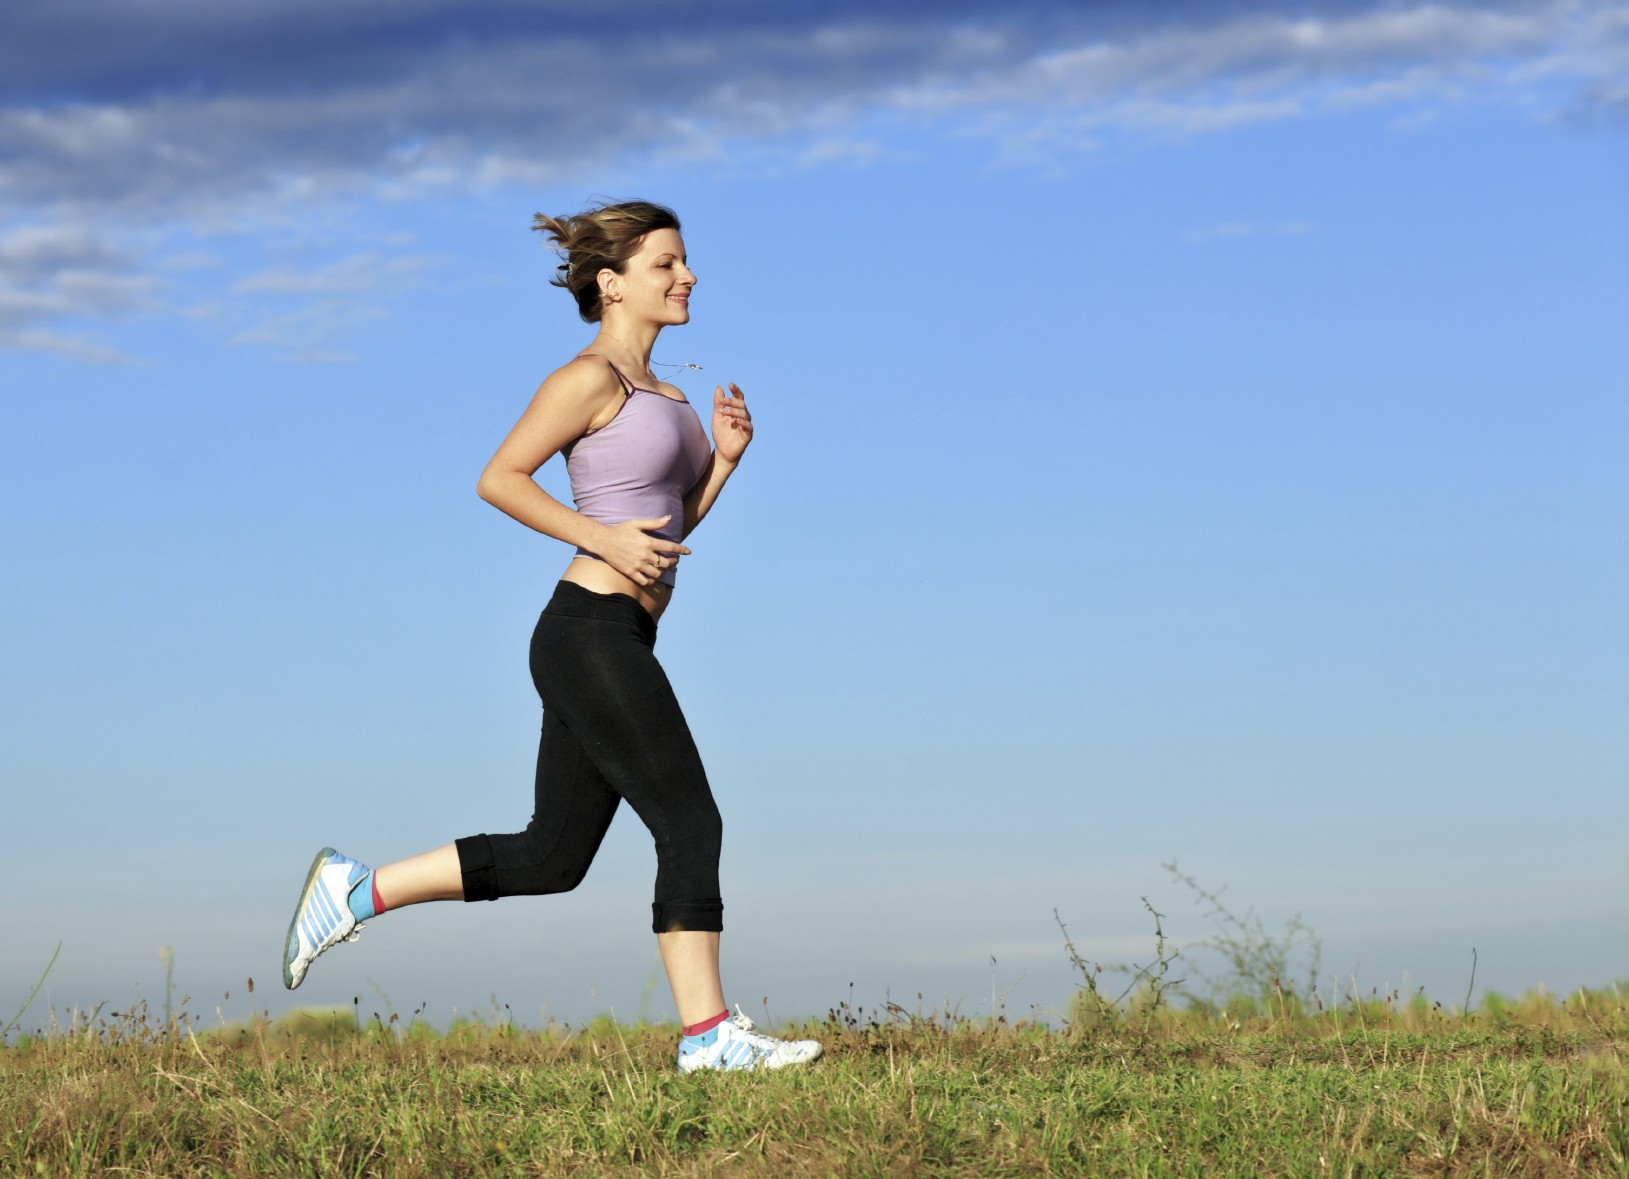 Ennyivel csökkentheti a magas vérnyomást az életmód